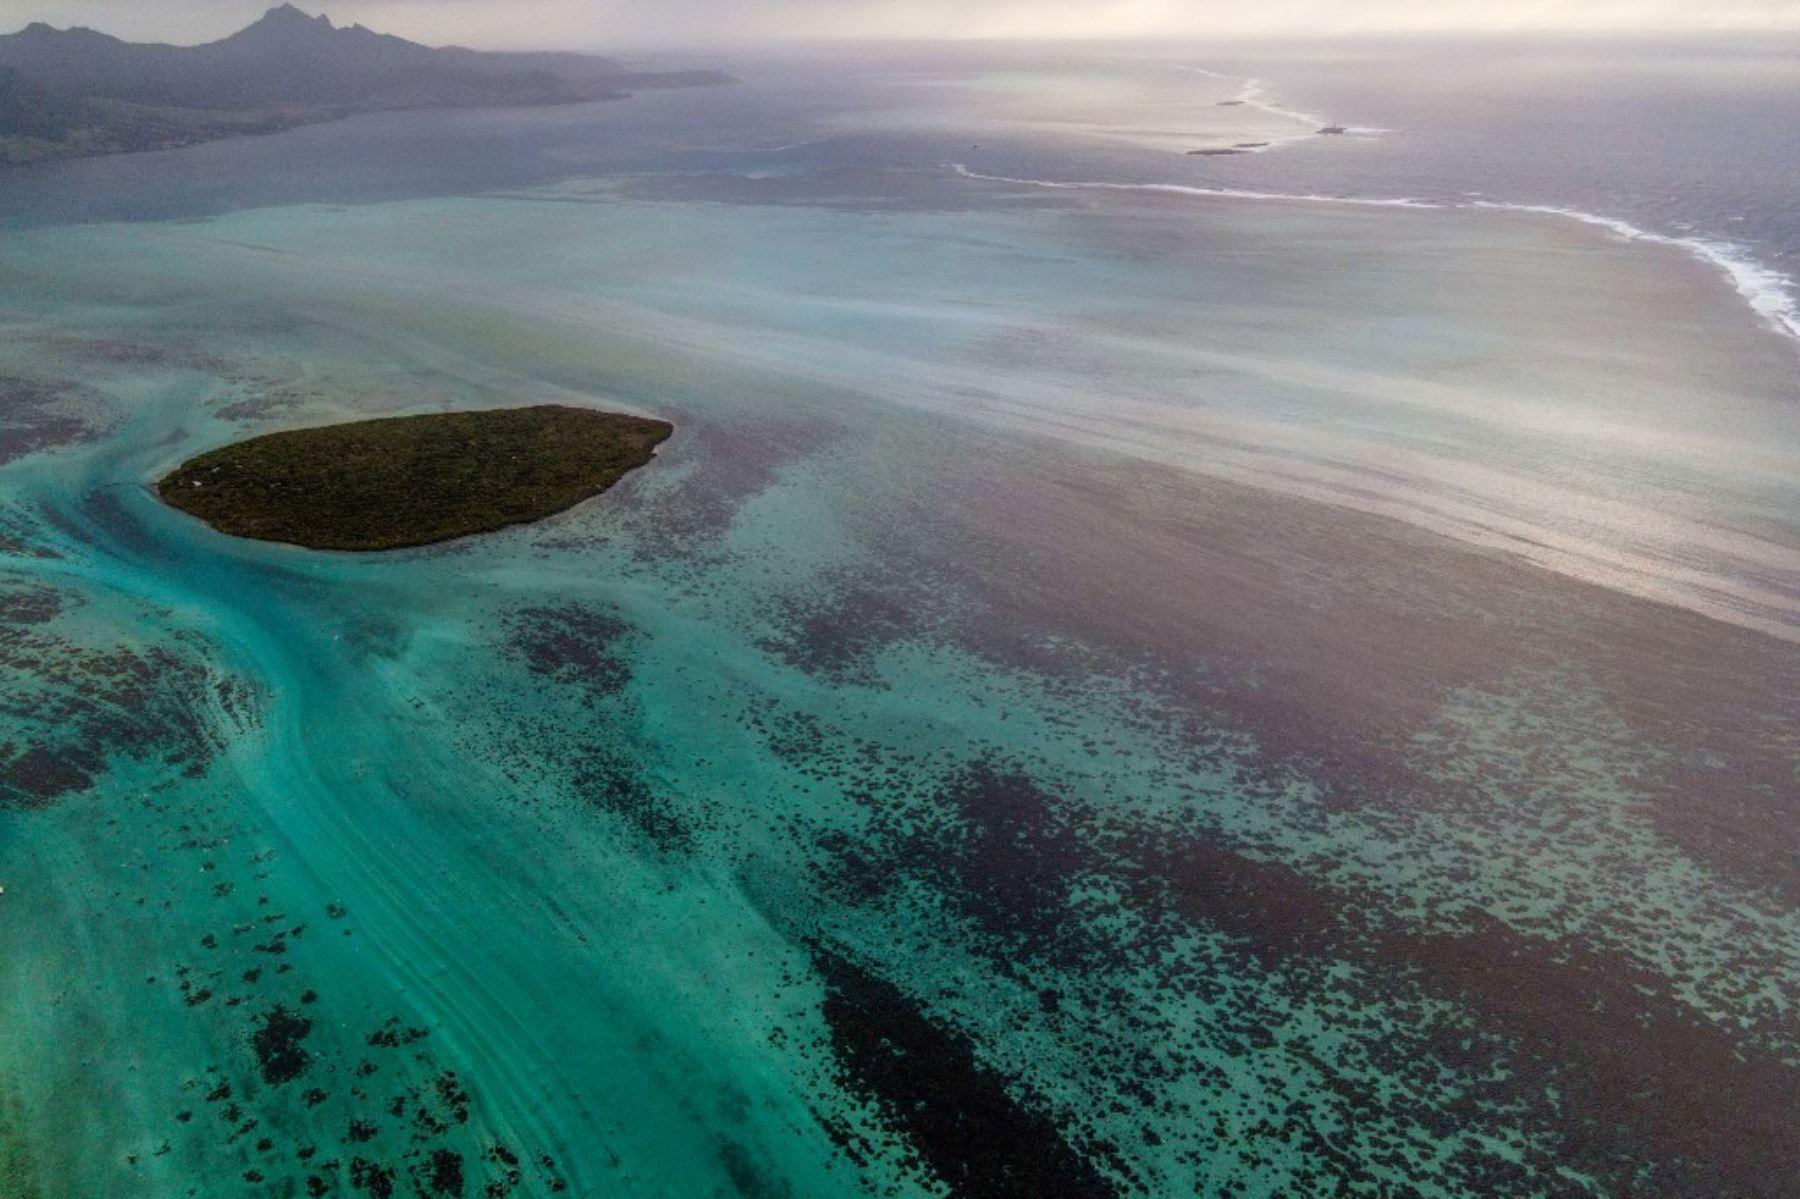 Esta vista aérea muestra una fuga de petróleo procedente del buque MV Wakashio, perteneciente a una empresa japonesa. Foto: AFP